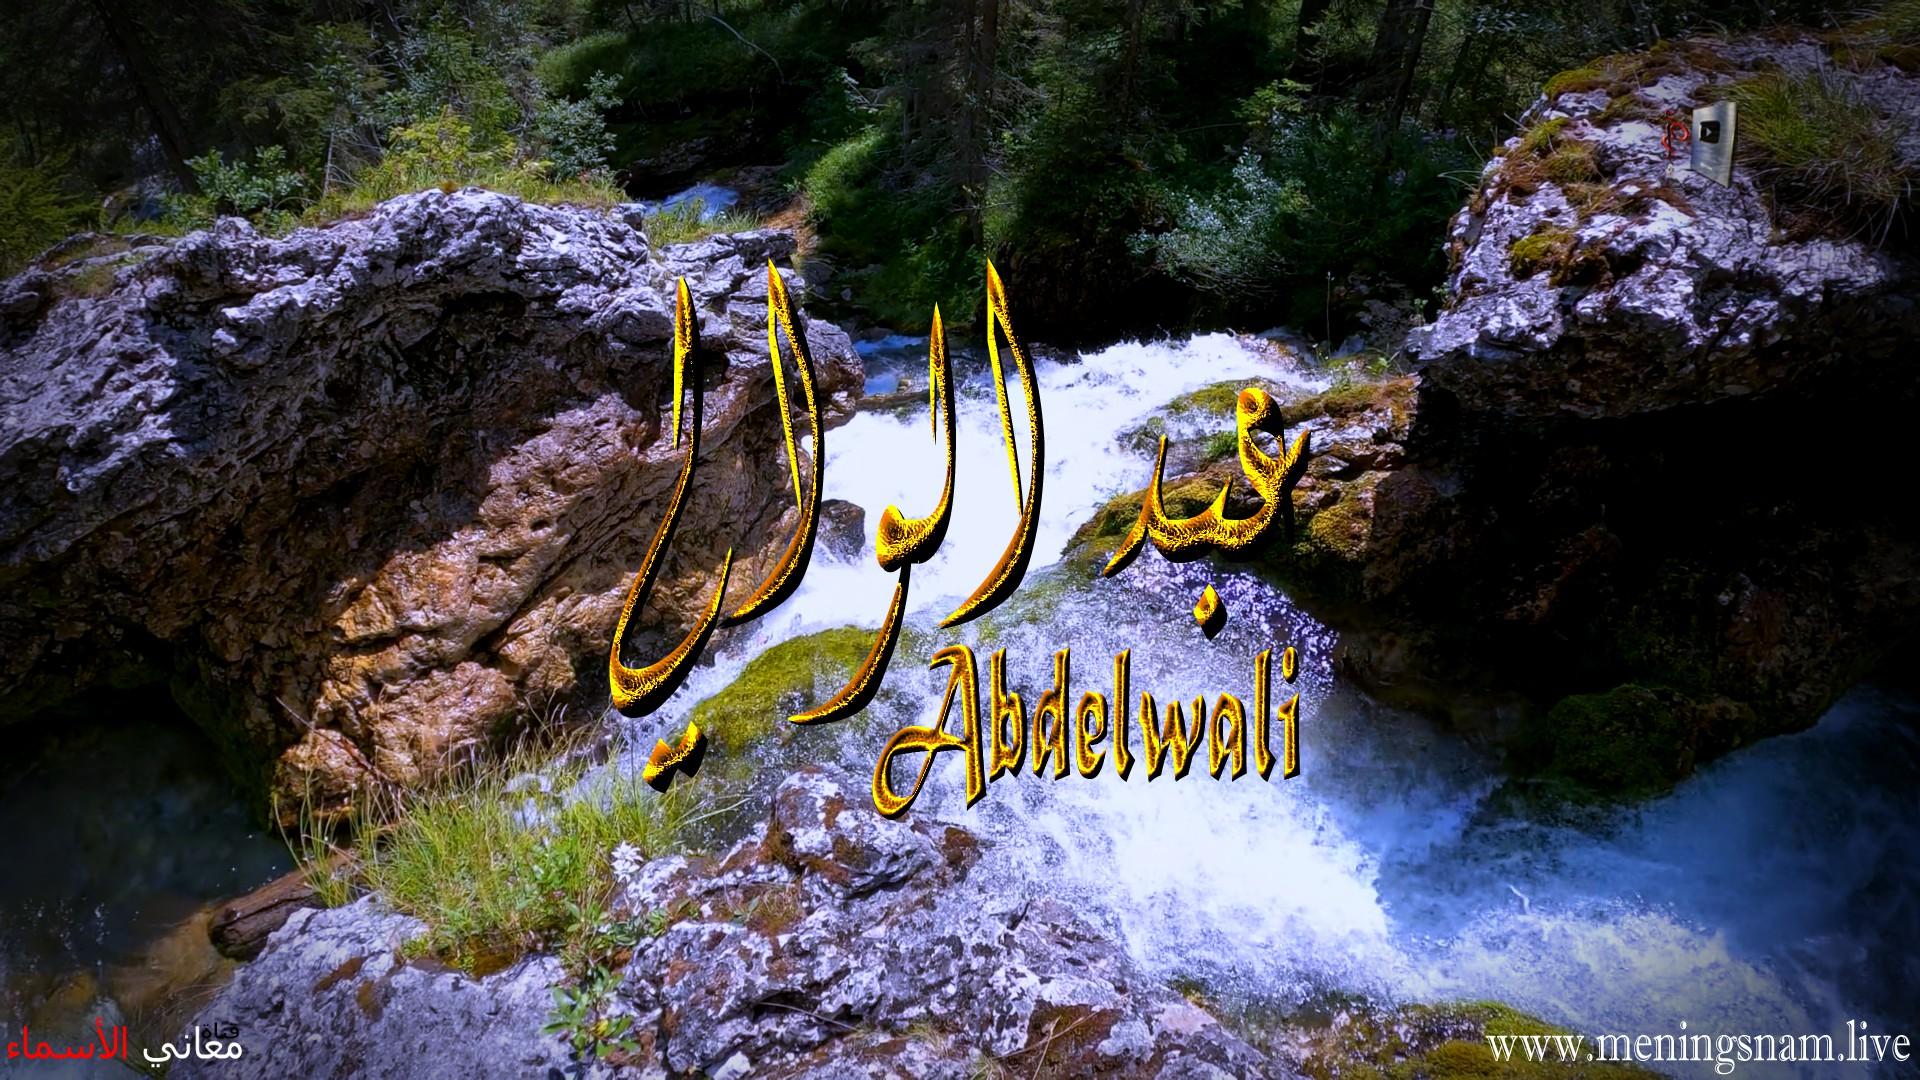 معنى اسم عبد الوالي وصفات حامل هذا الاسم Abdelwali